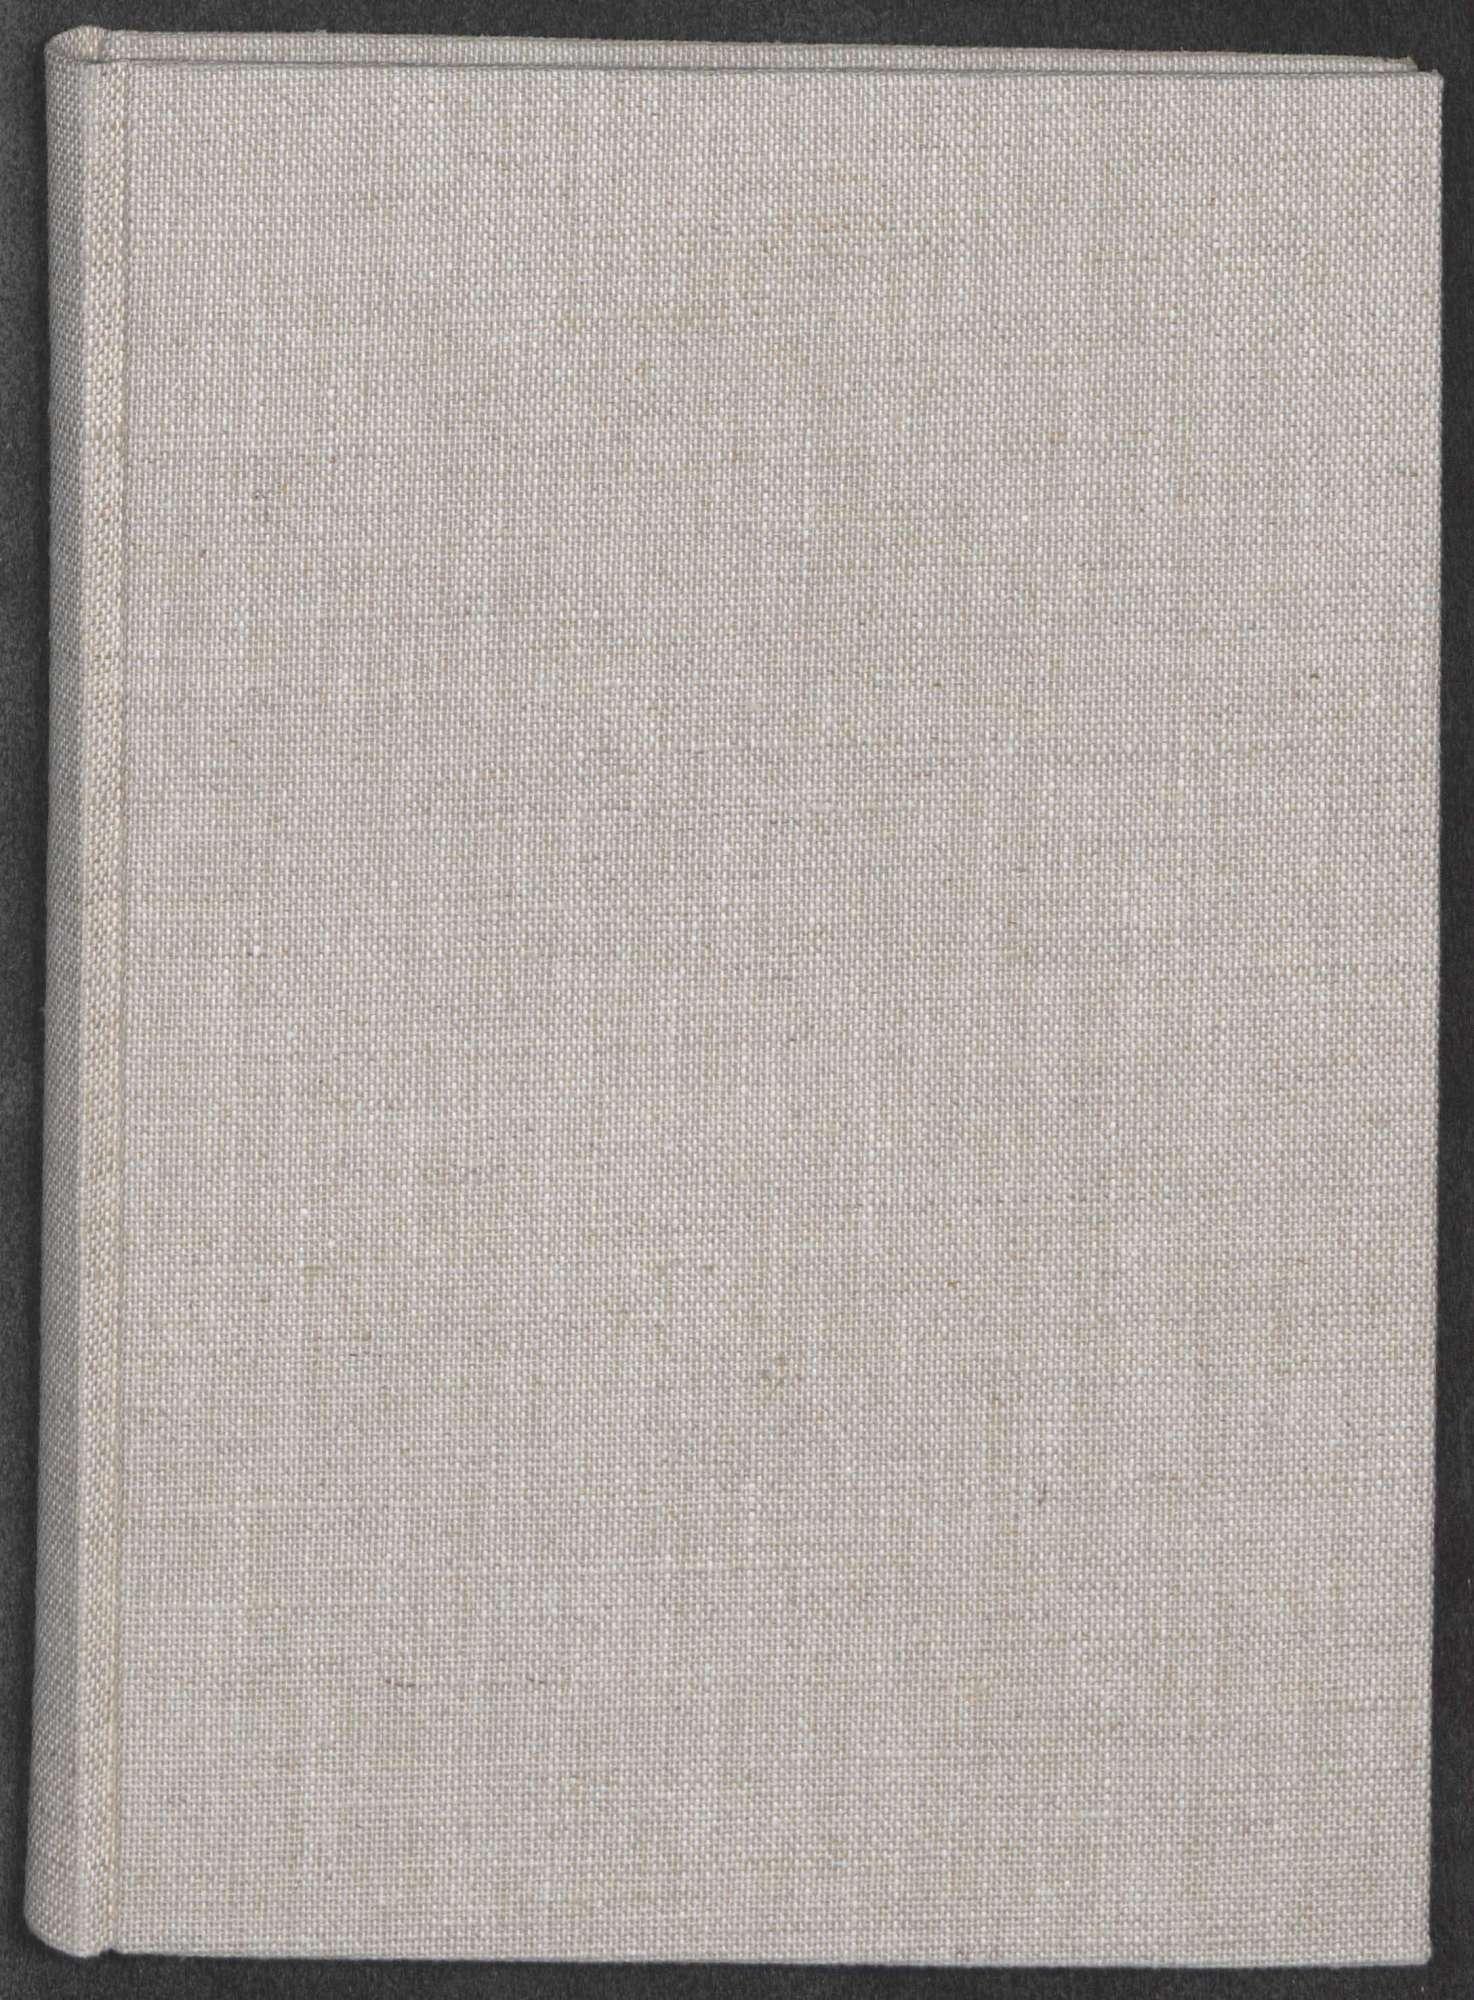 """Zinsrodel der Herrschaft Haigerloch; den Umschlag bildet ein Leibledigungs-Brief des """"Kostmann"""" von Wiesenstetten für 12 fl. durch Friedrich von Weitingen (""""Witingen ein Edelmann""""); im Kontexte ist auch Stetten das Kloster erwähnt, Bild 2"""